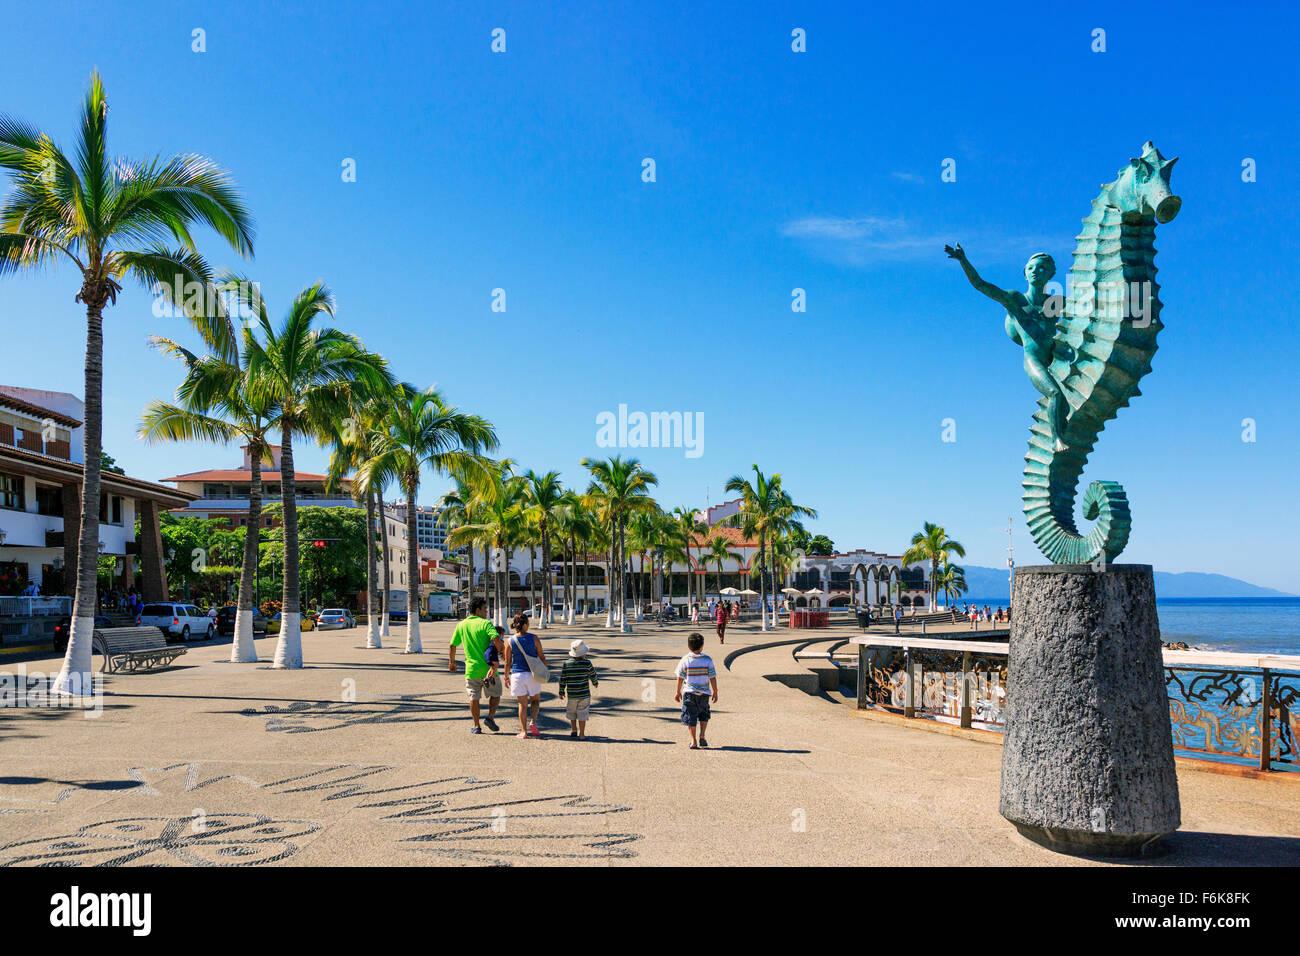 Passeggiata principale chiamato Paseo Diaz Ordaz, El centro distretto, in Puerto Vallarta a Bahia de Banderas, Messico Immagini Stock